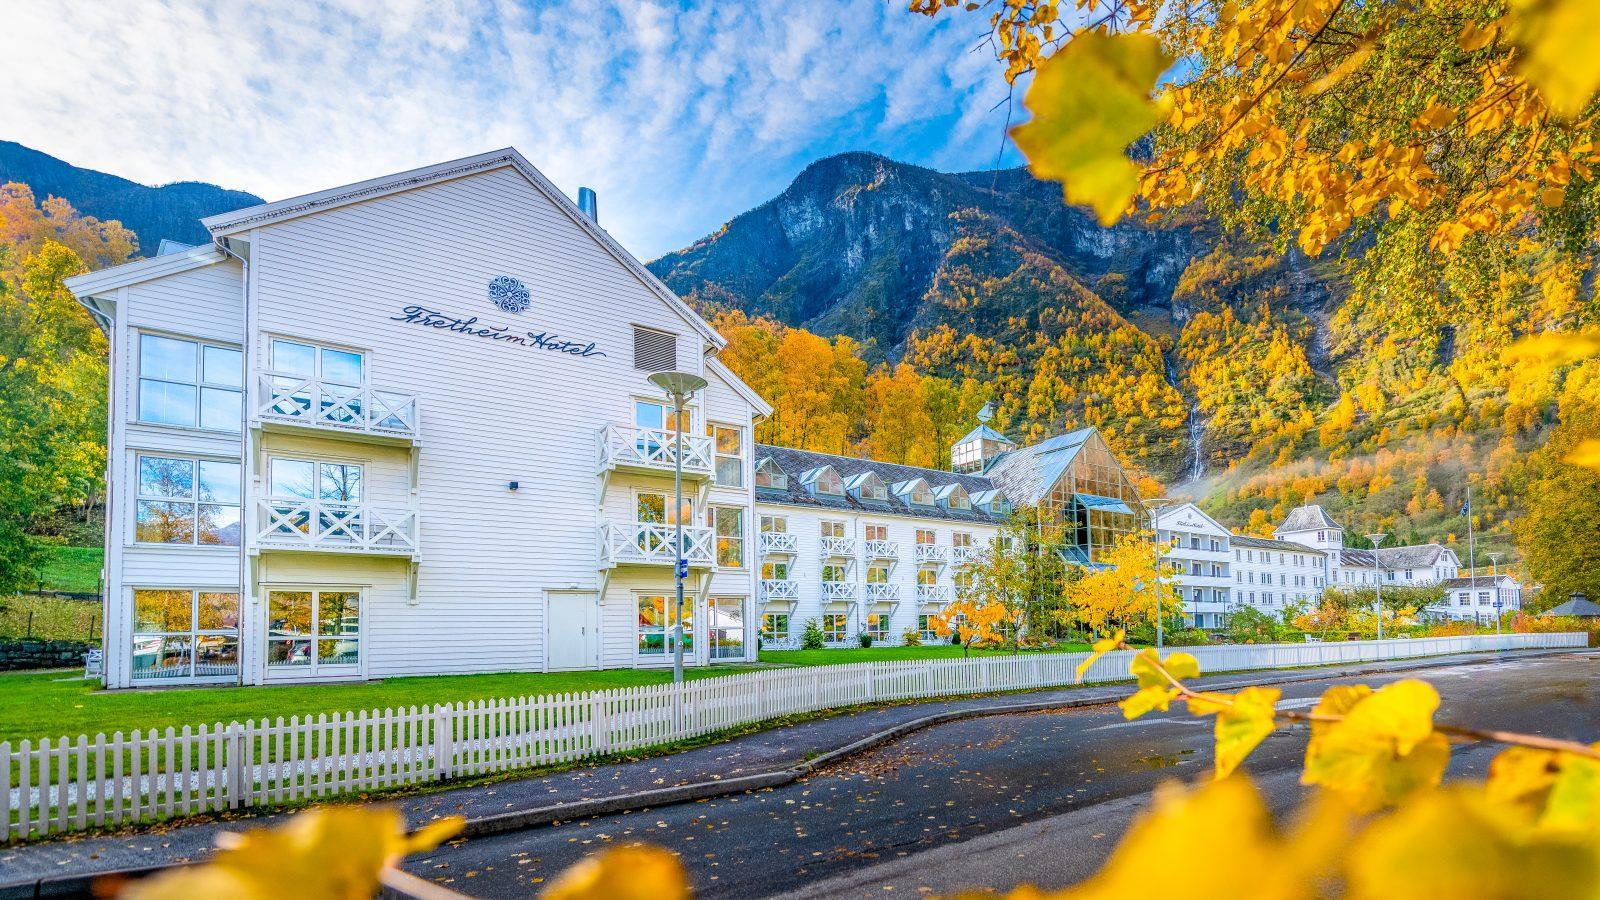 Fretheim Hotel in Flåm